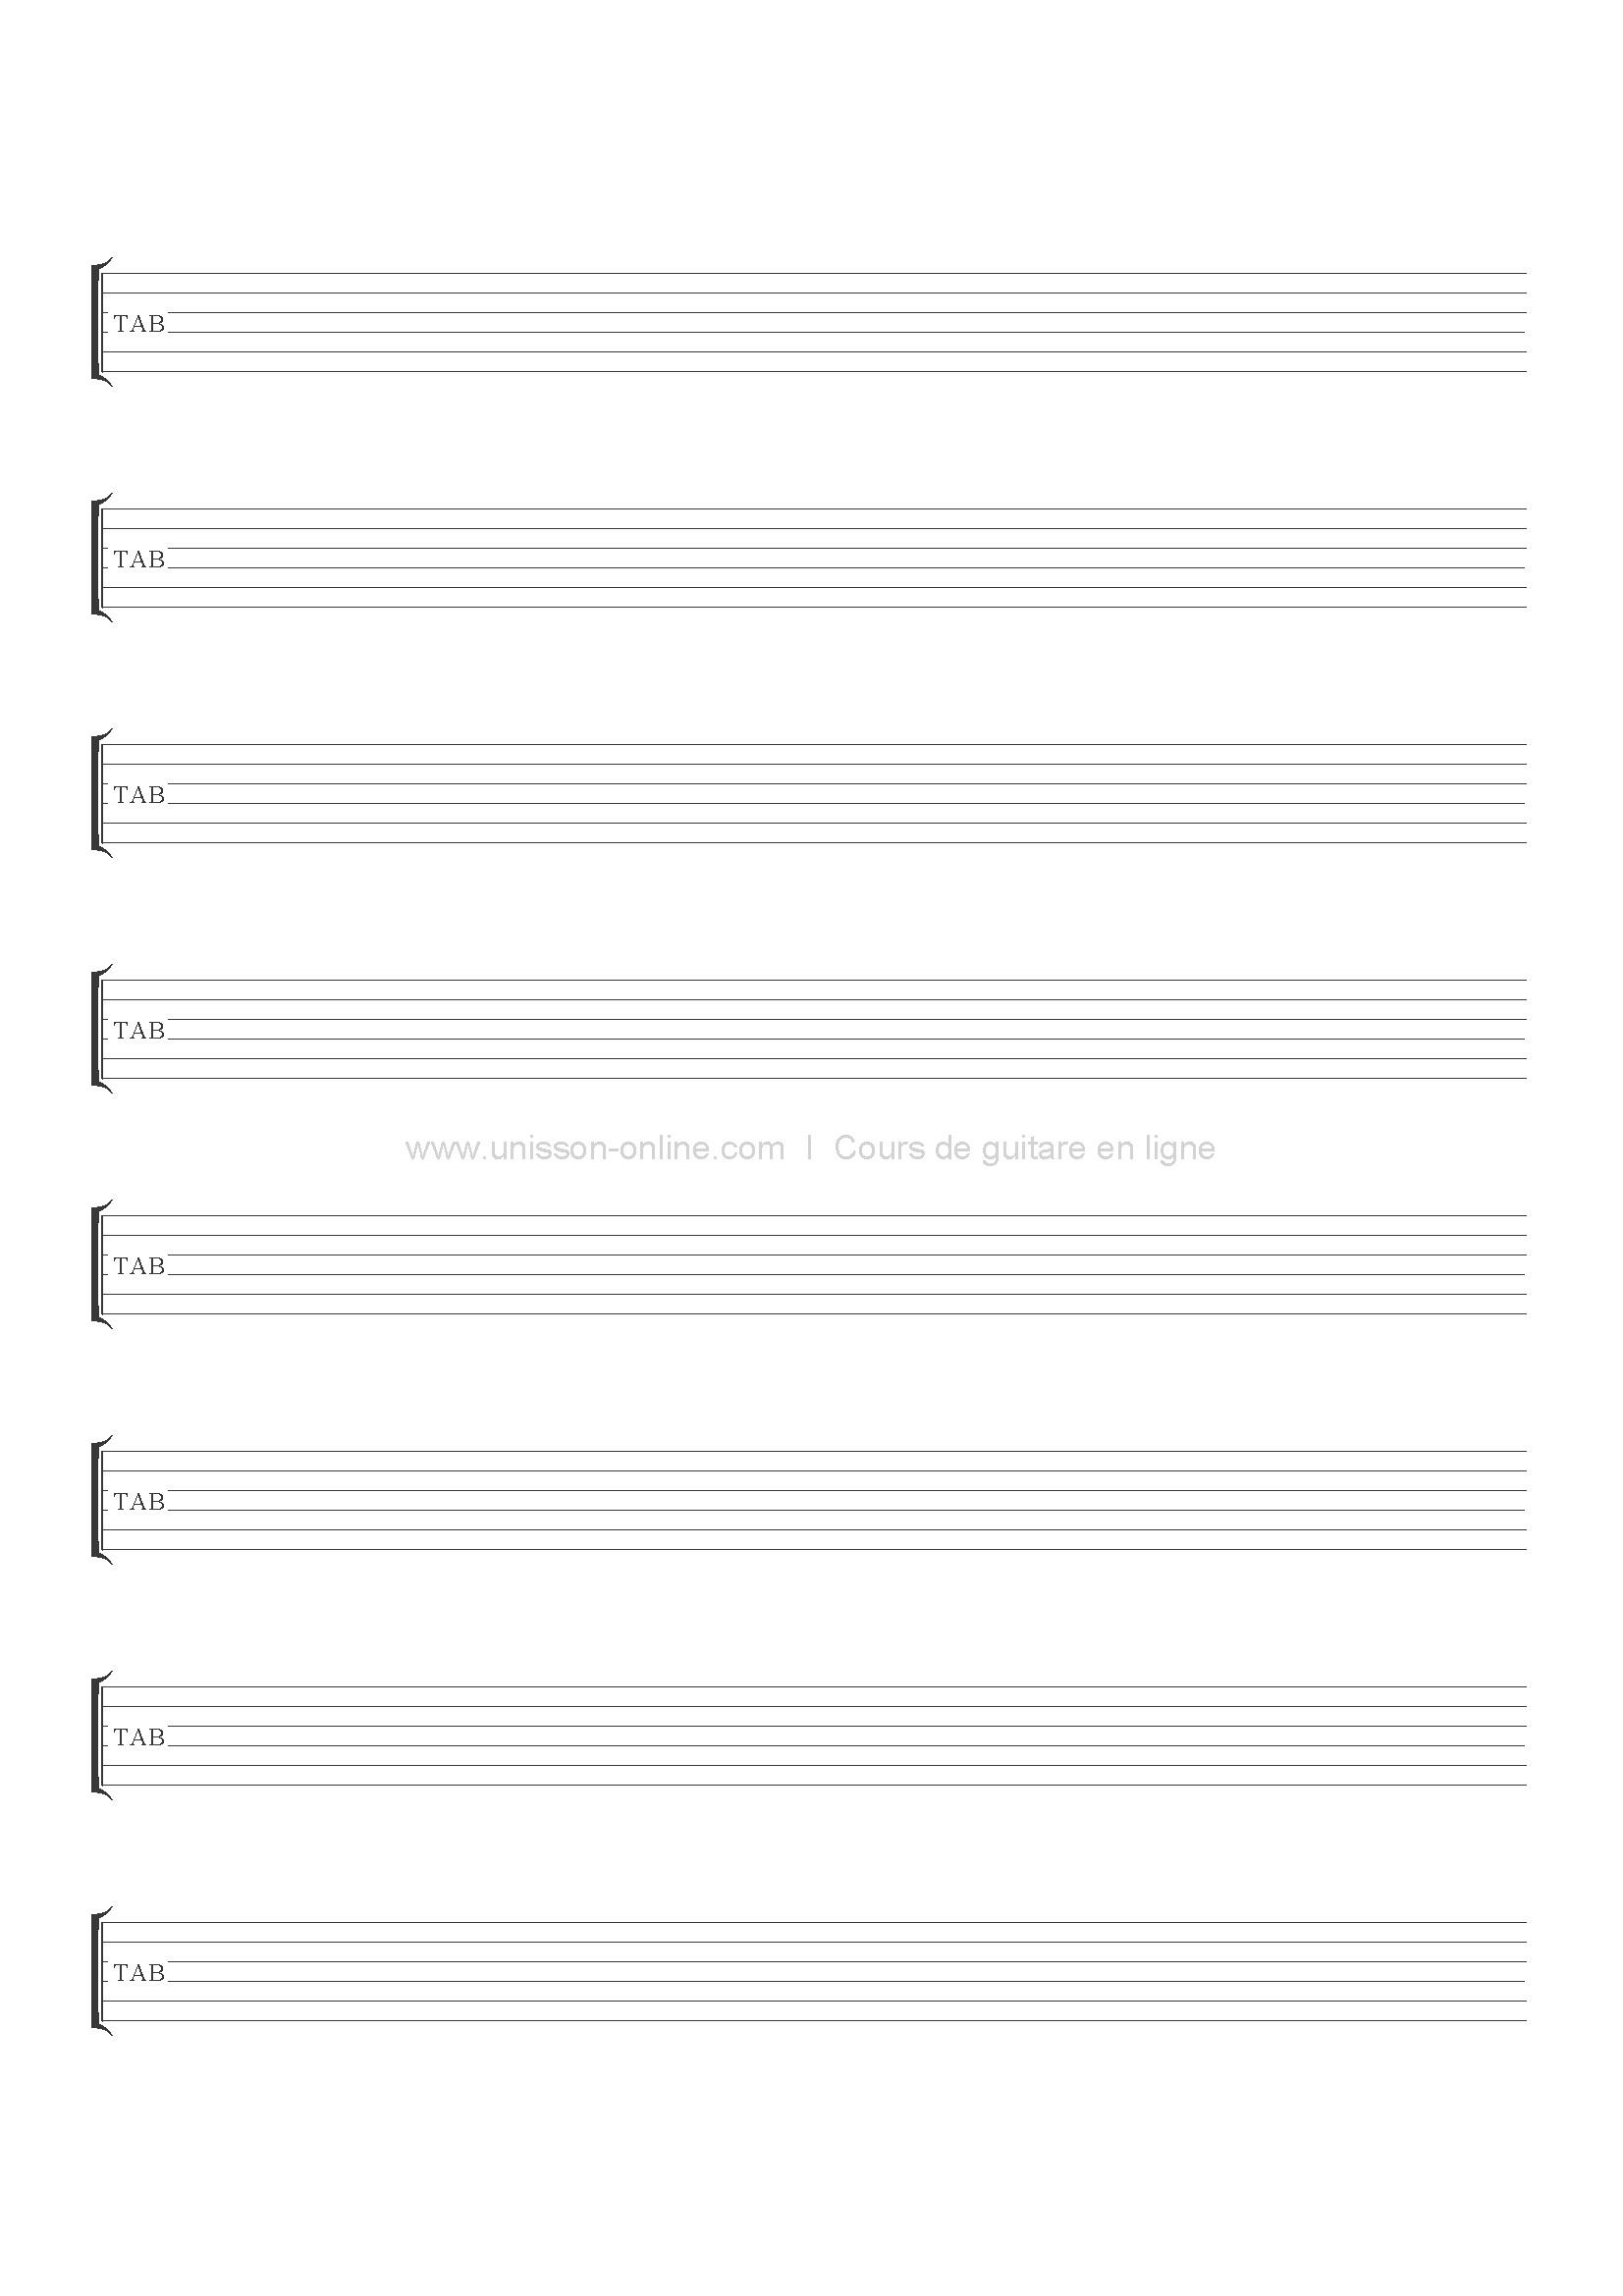 Tablature guitare vierge t l charger i pdf unisson online - Couper un morceau de musique en ligne ...